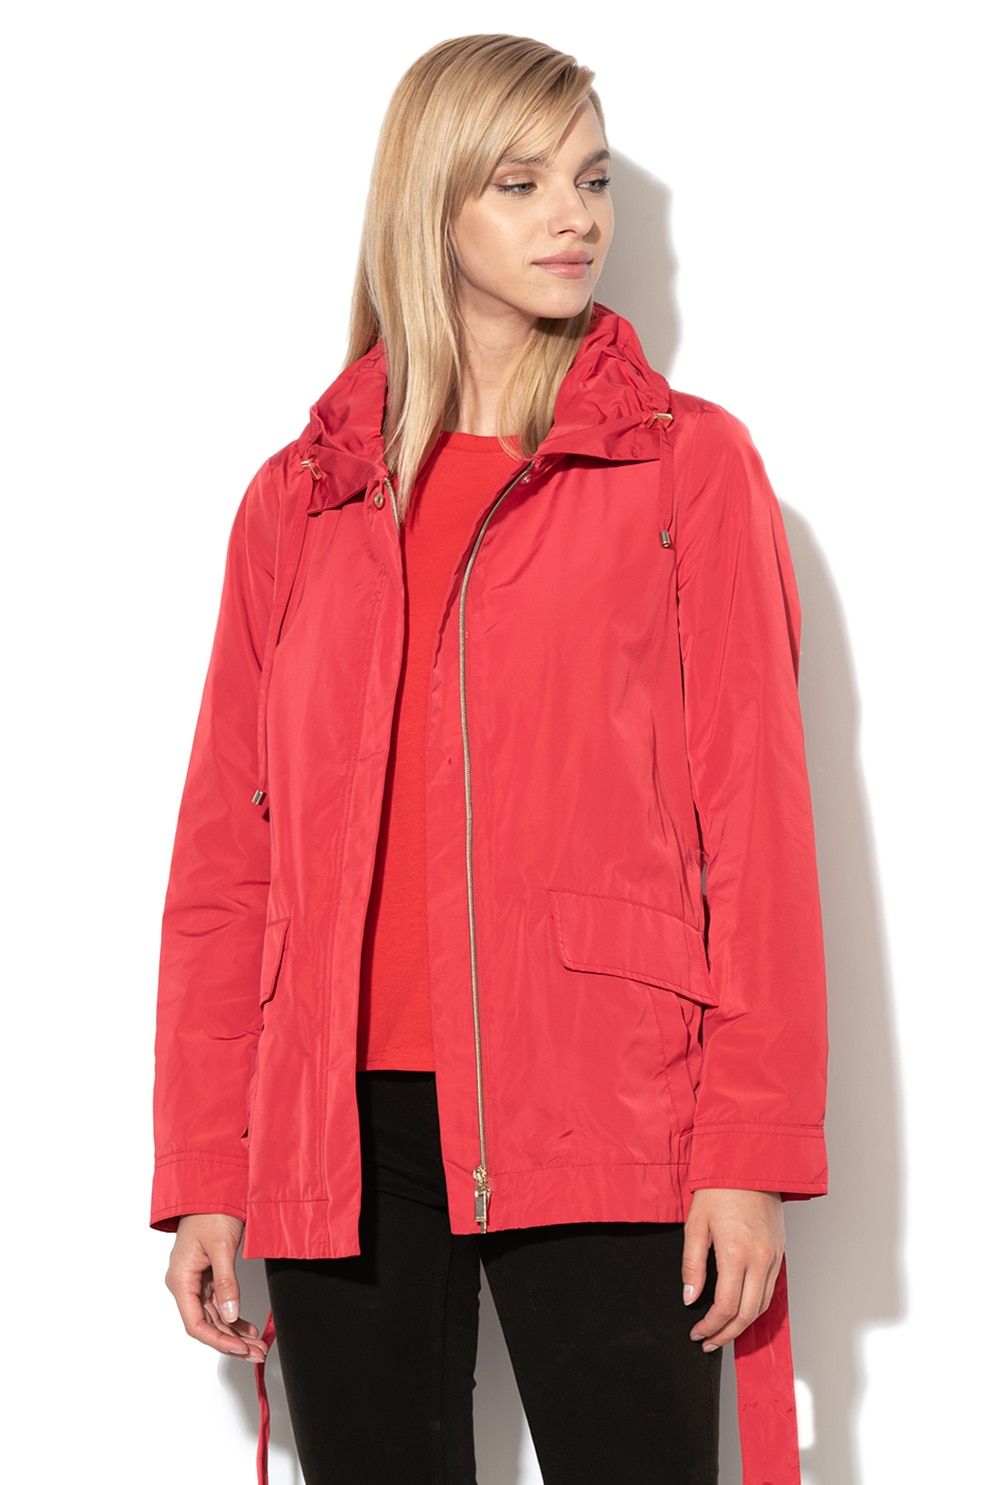 Sisley, Steppelt könnyű súlyú bélelt dzseki, Piros, 42 eMAG.hu